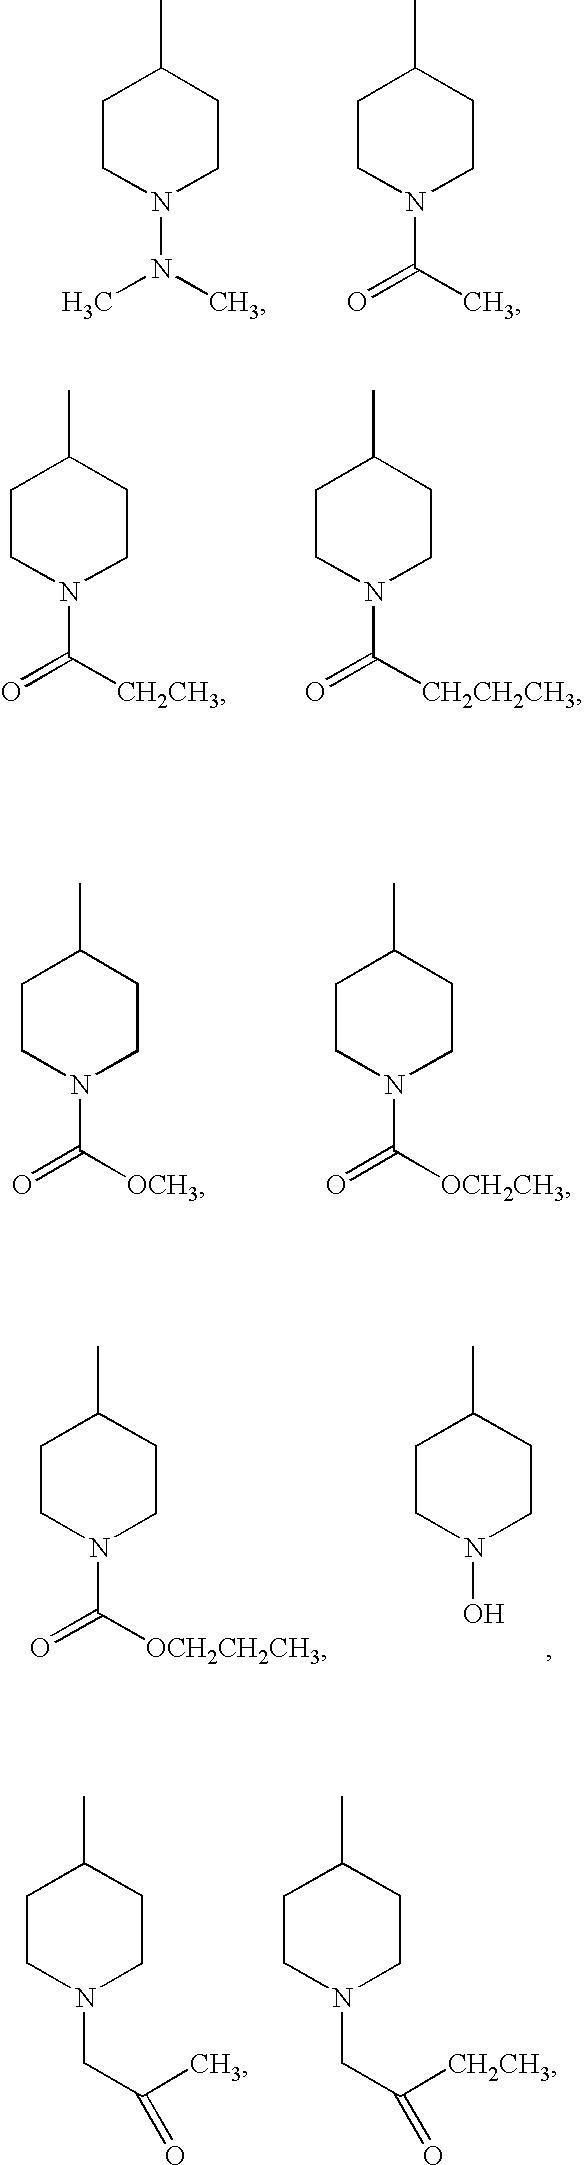 Figure US07112587-20060926-C00125